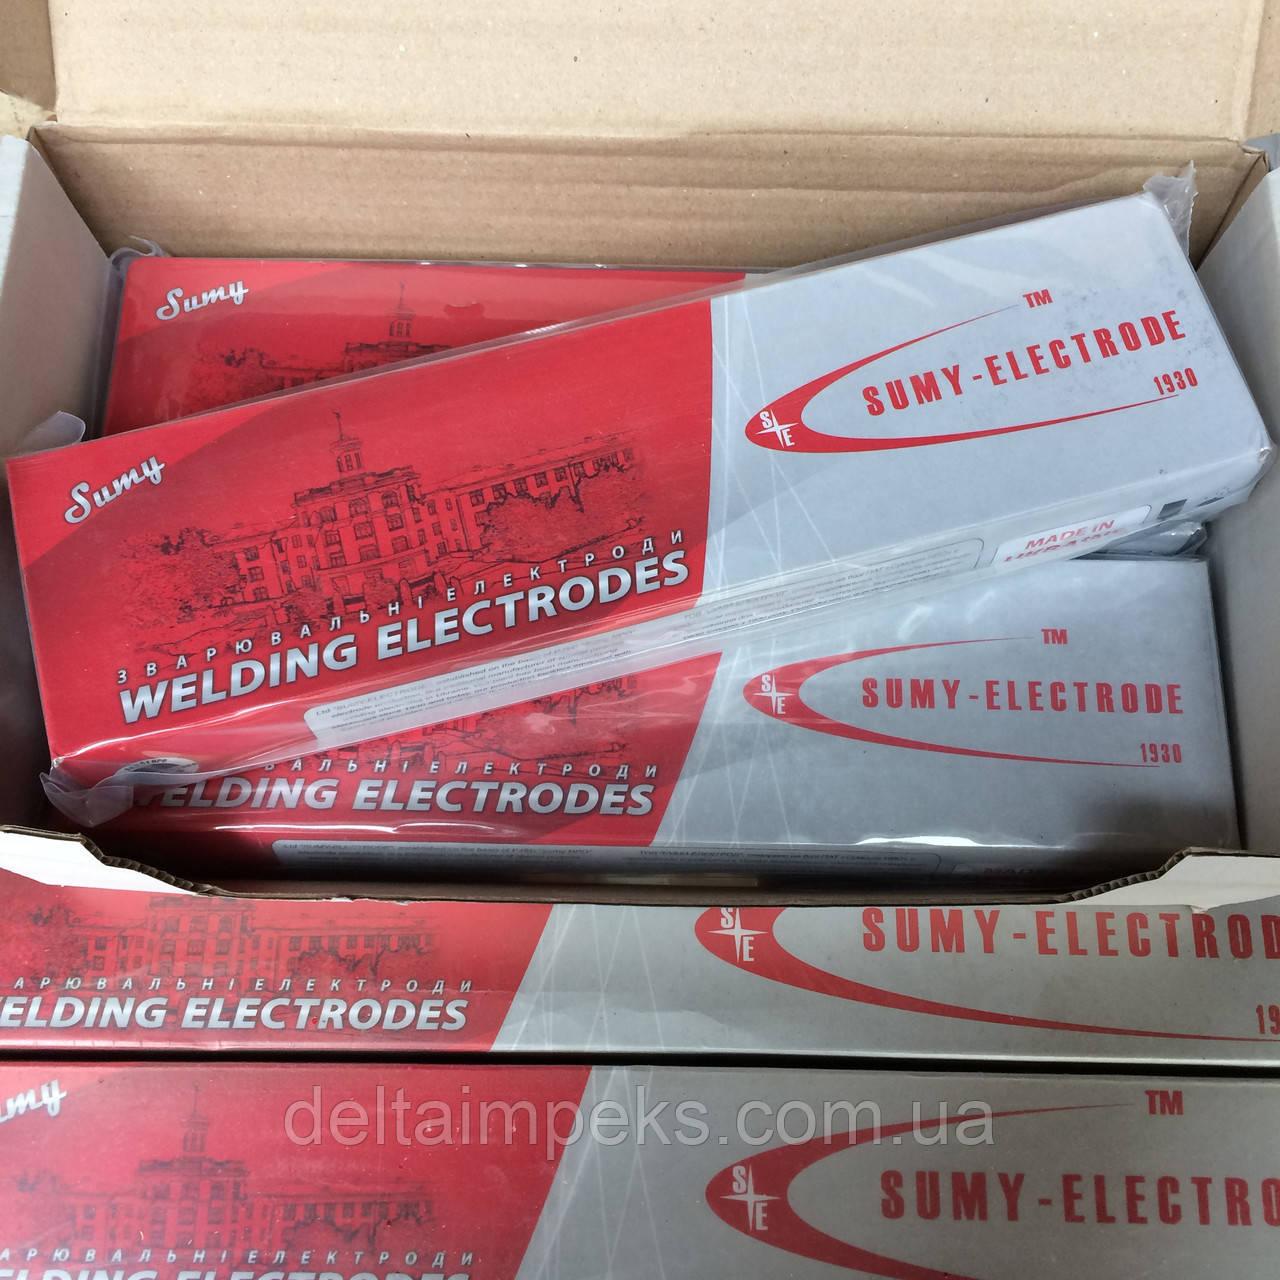 Електроди для зварювання міді Комсомолець-100, 4мм